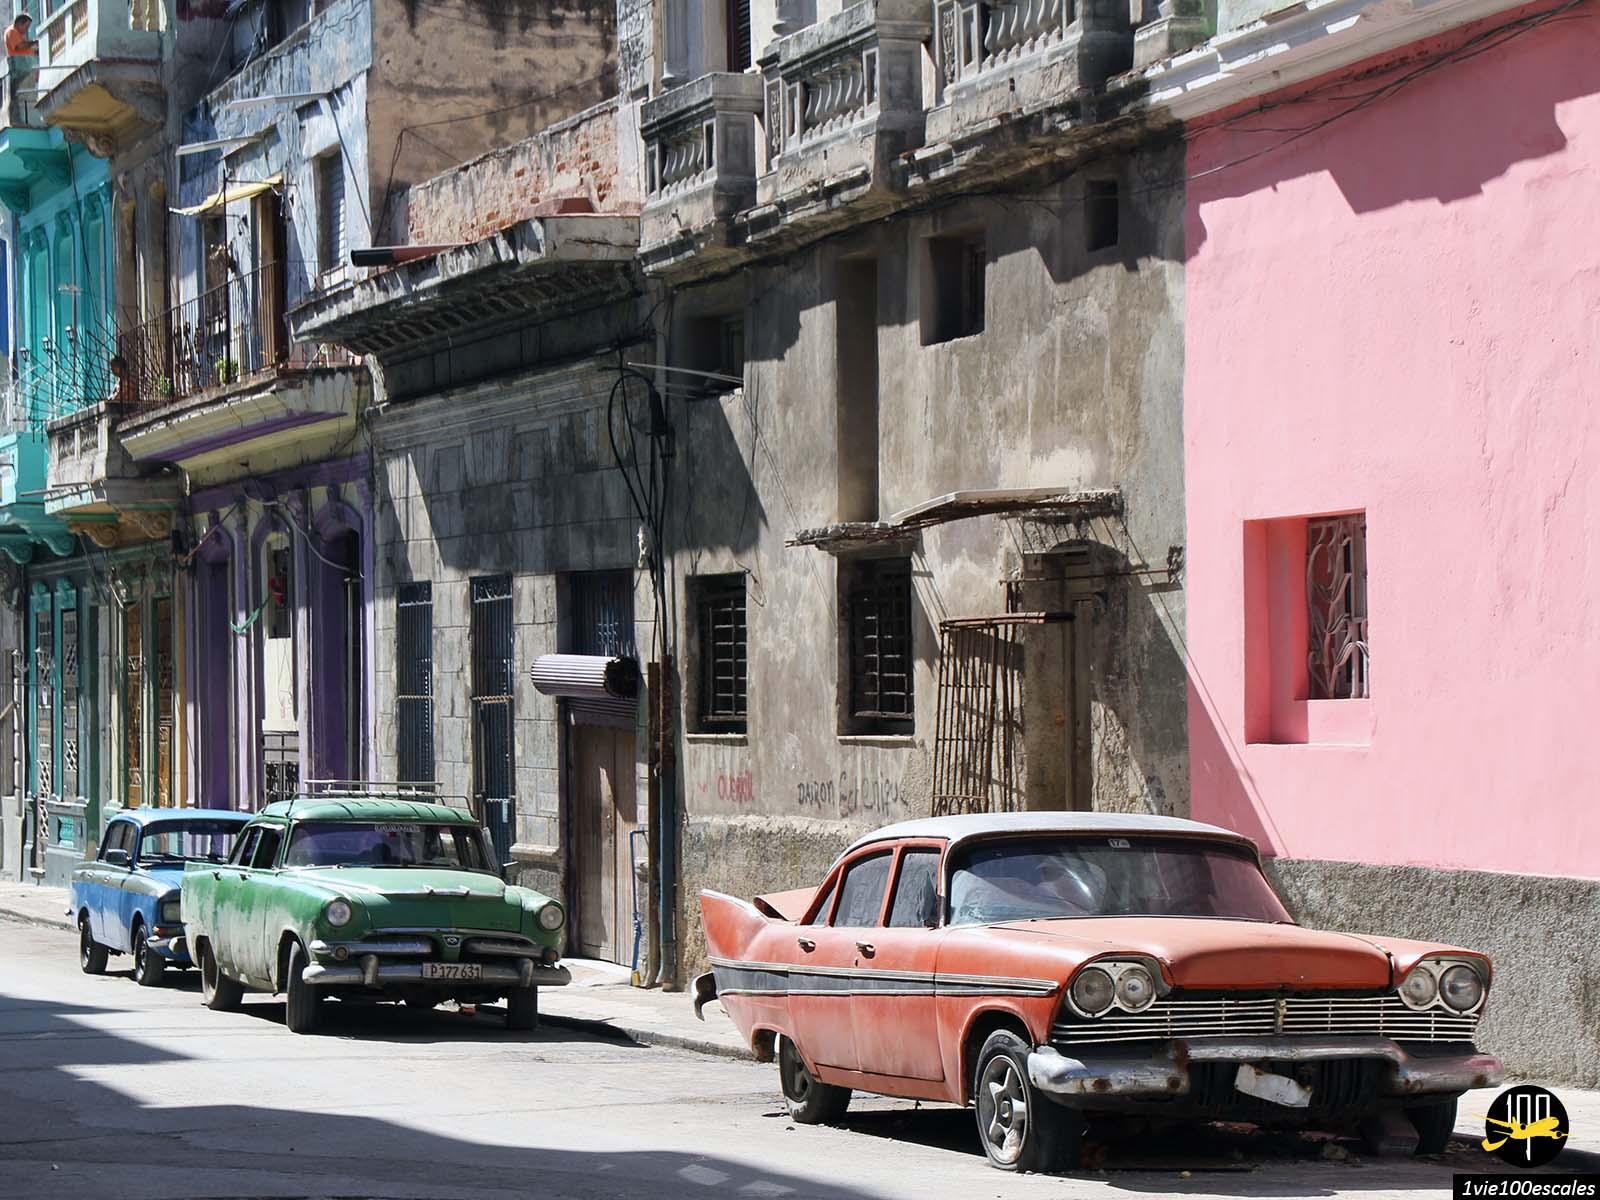 Un quartier typique de La Havane situé juste en face de la Malecón